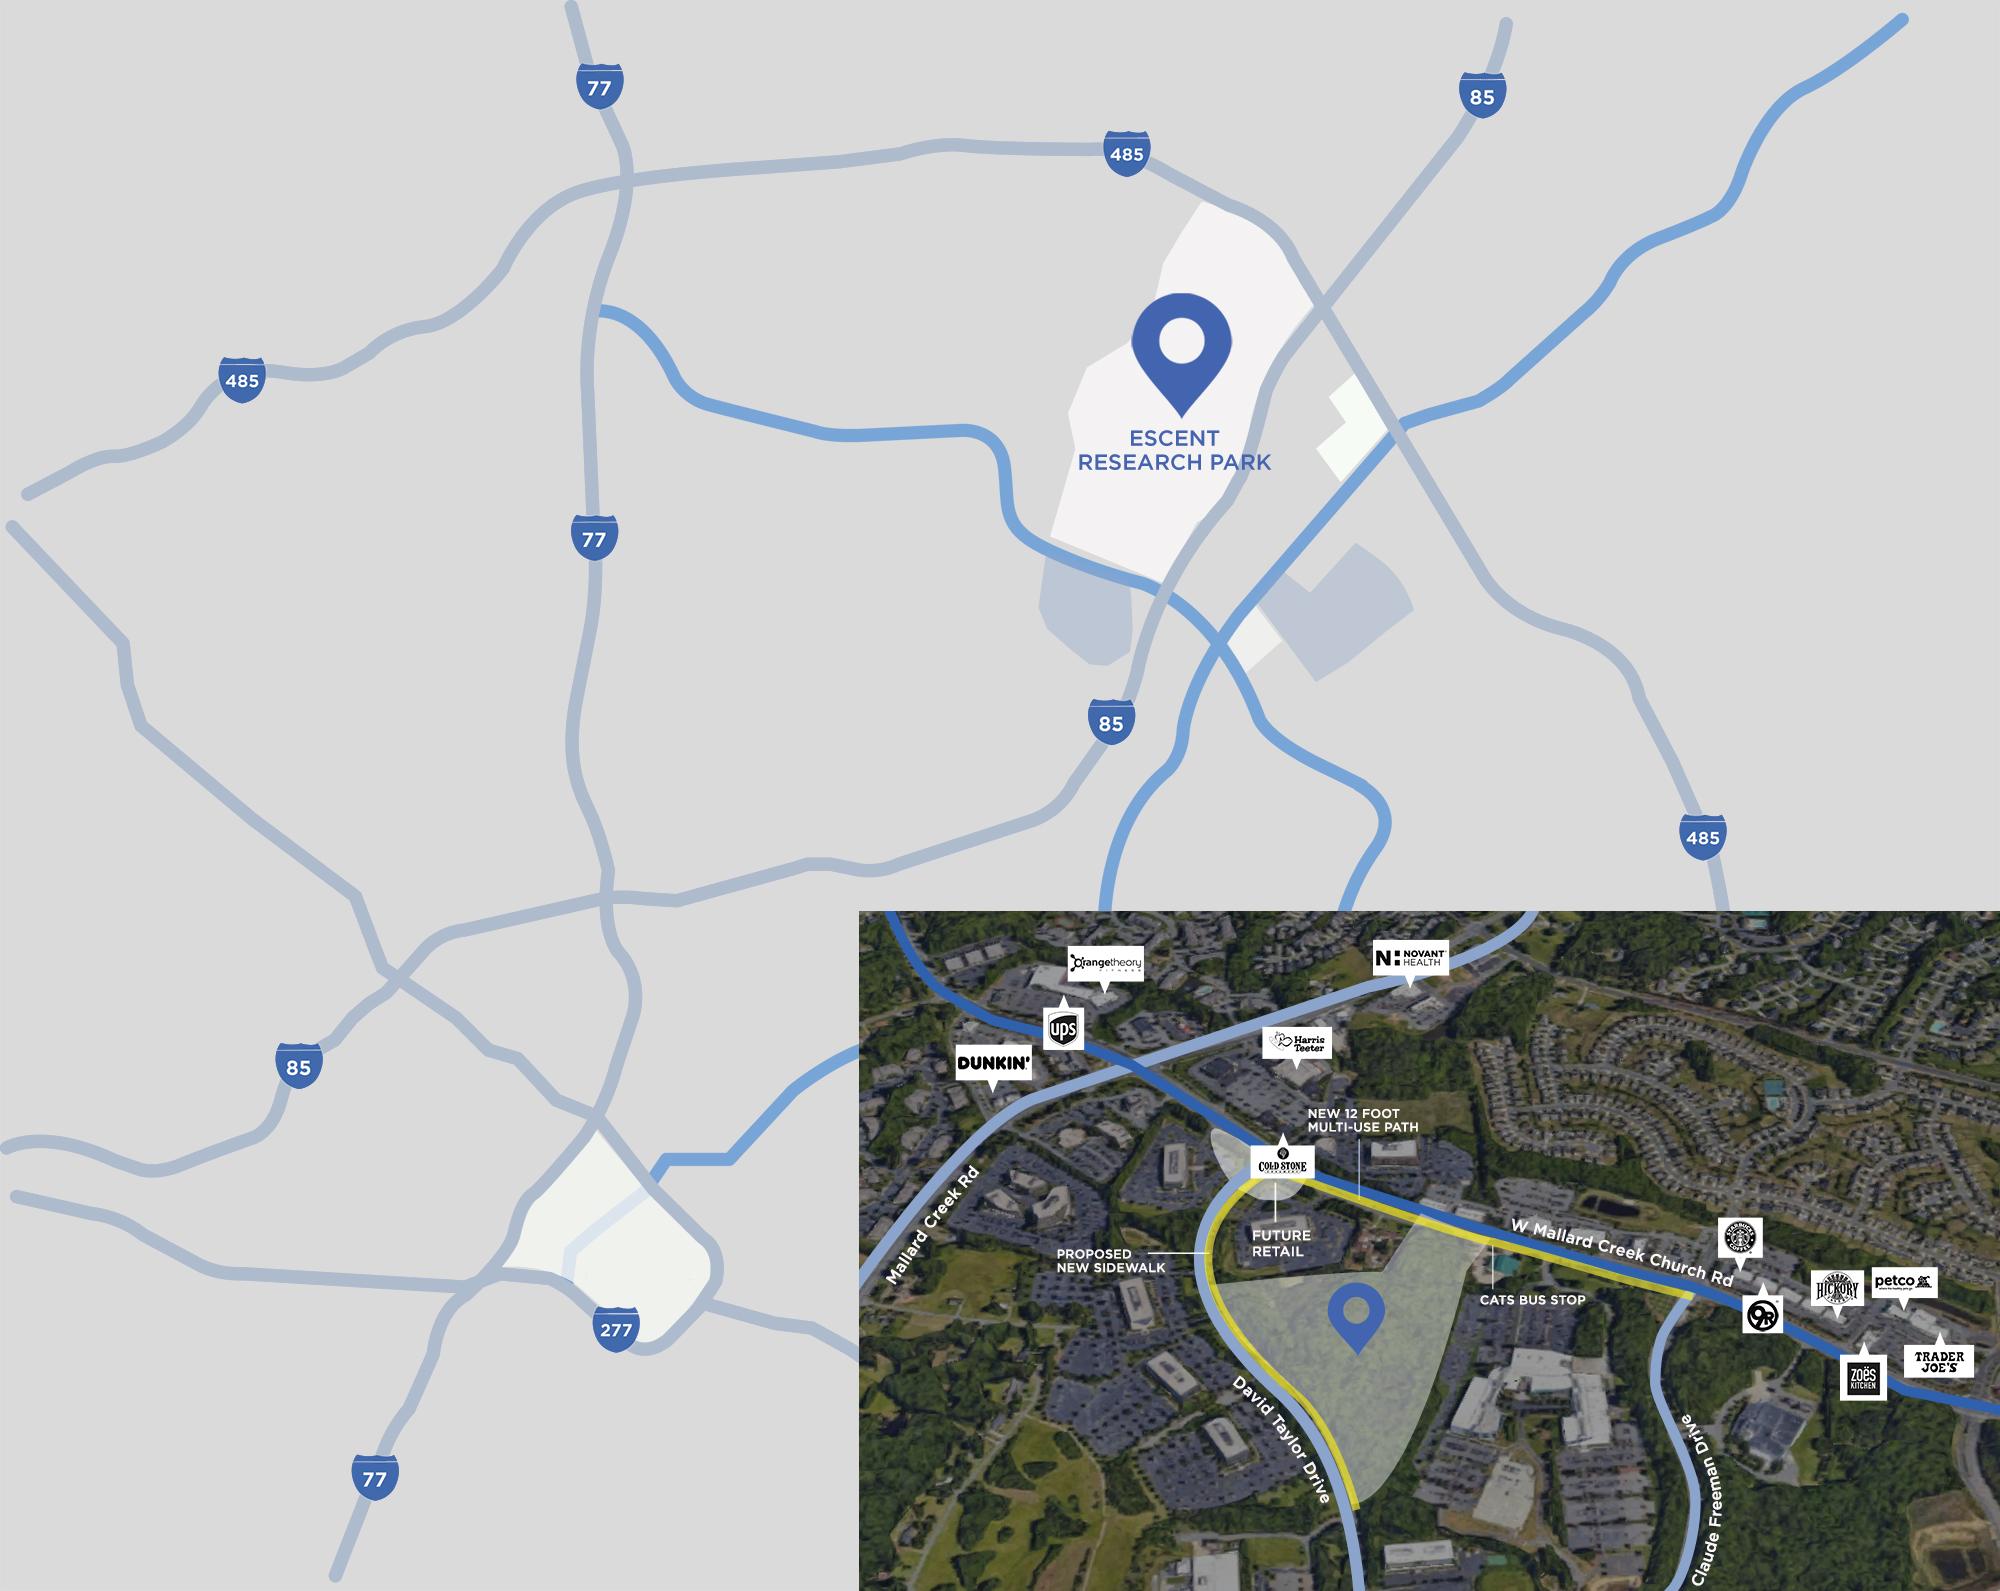 Escent Research Park